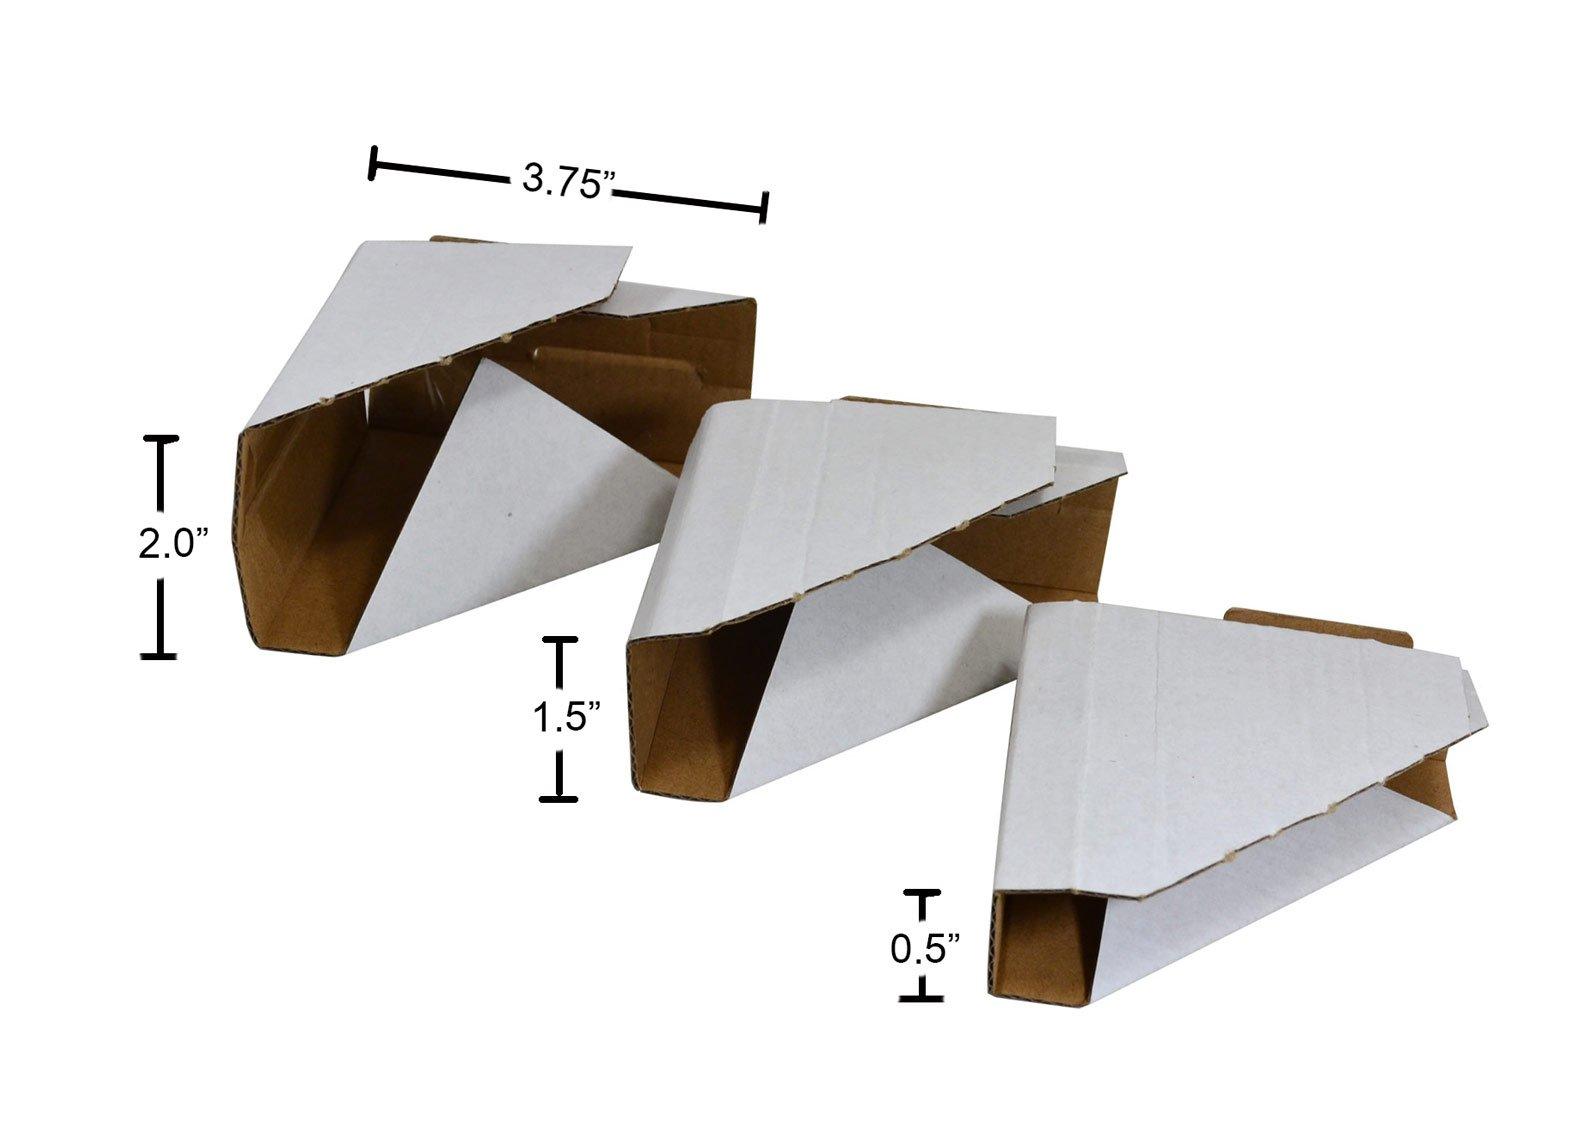 Golden State Art Pack Of 100 Adjustable Cardboard Corner Protector